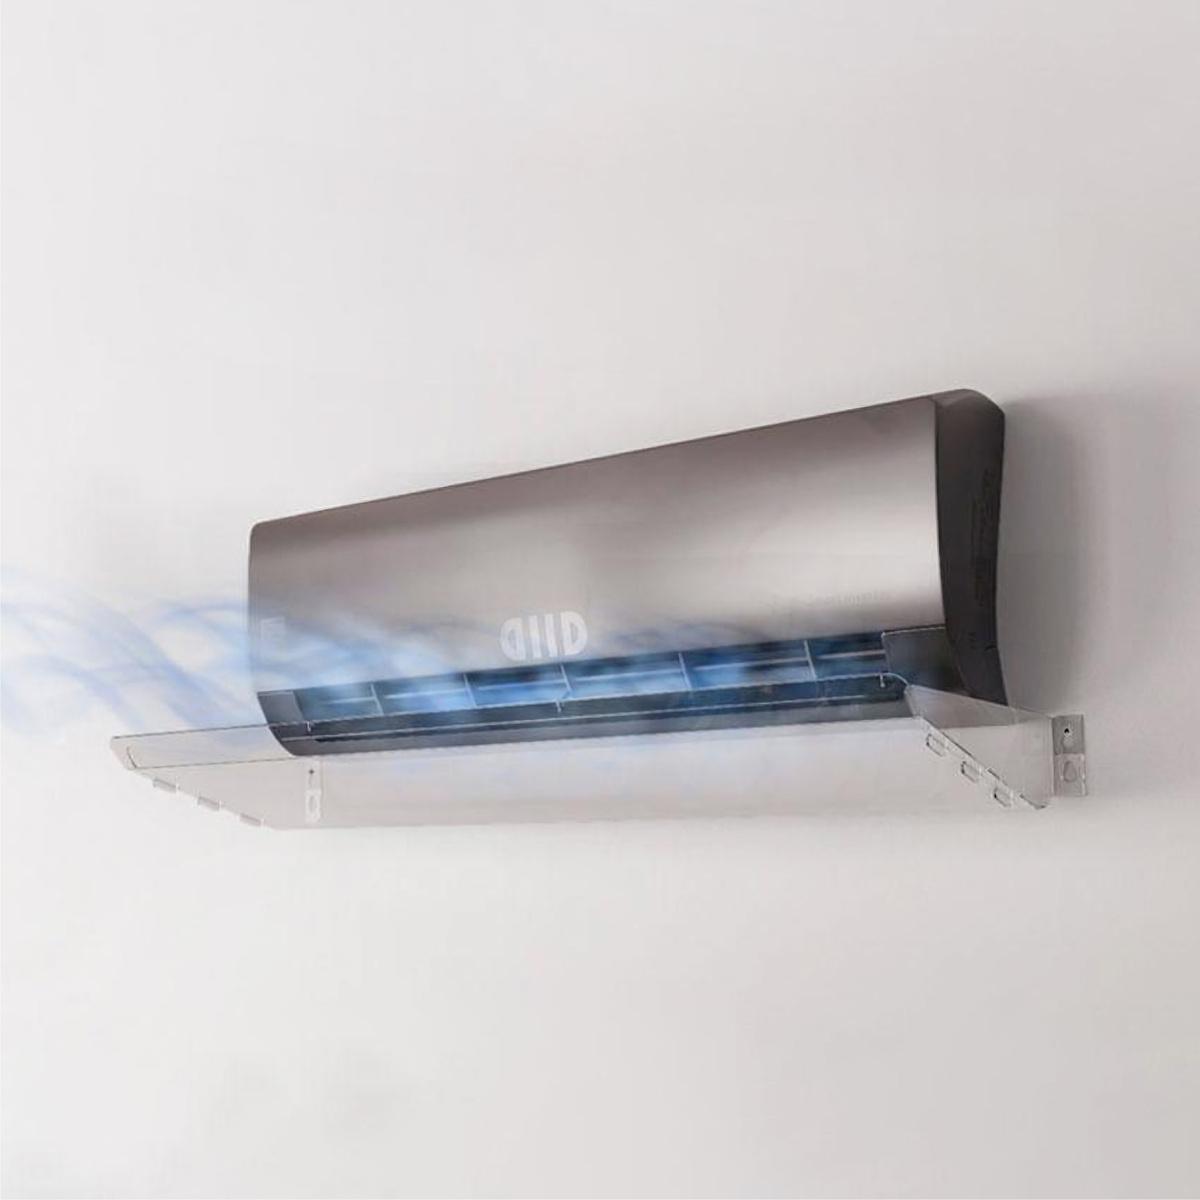 Защитный экран для настенного кондиционера DIID Сплит 1100 мм  #1